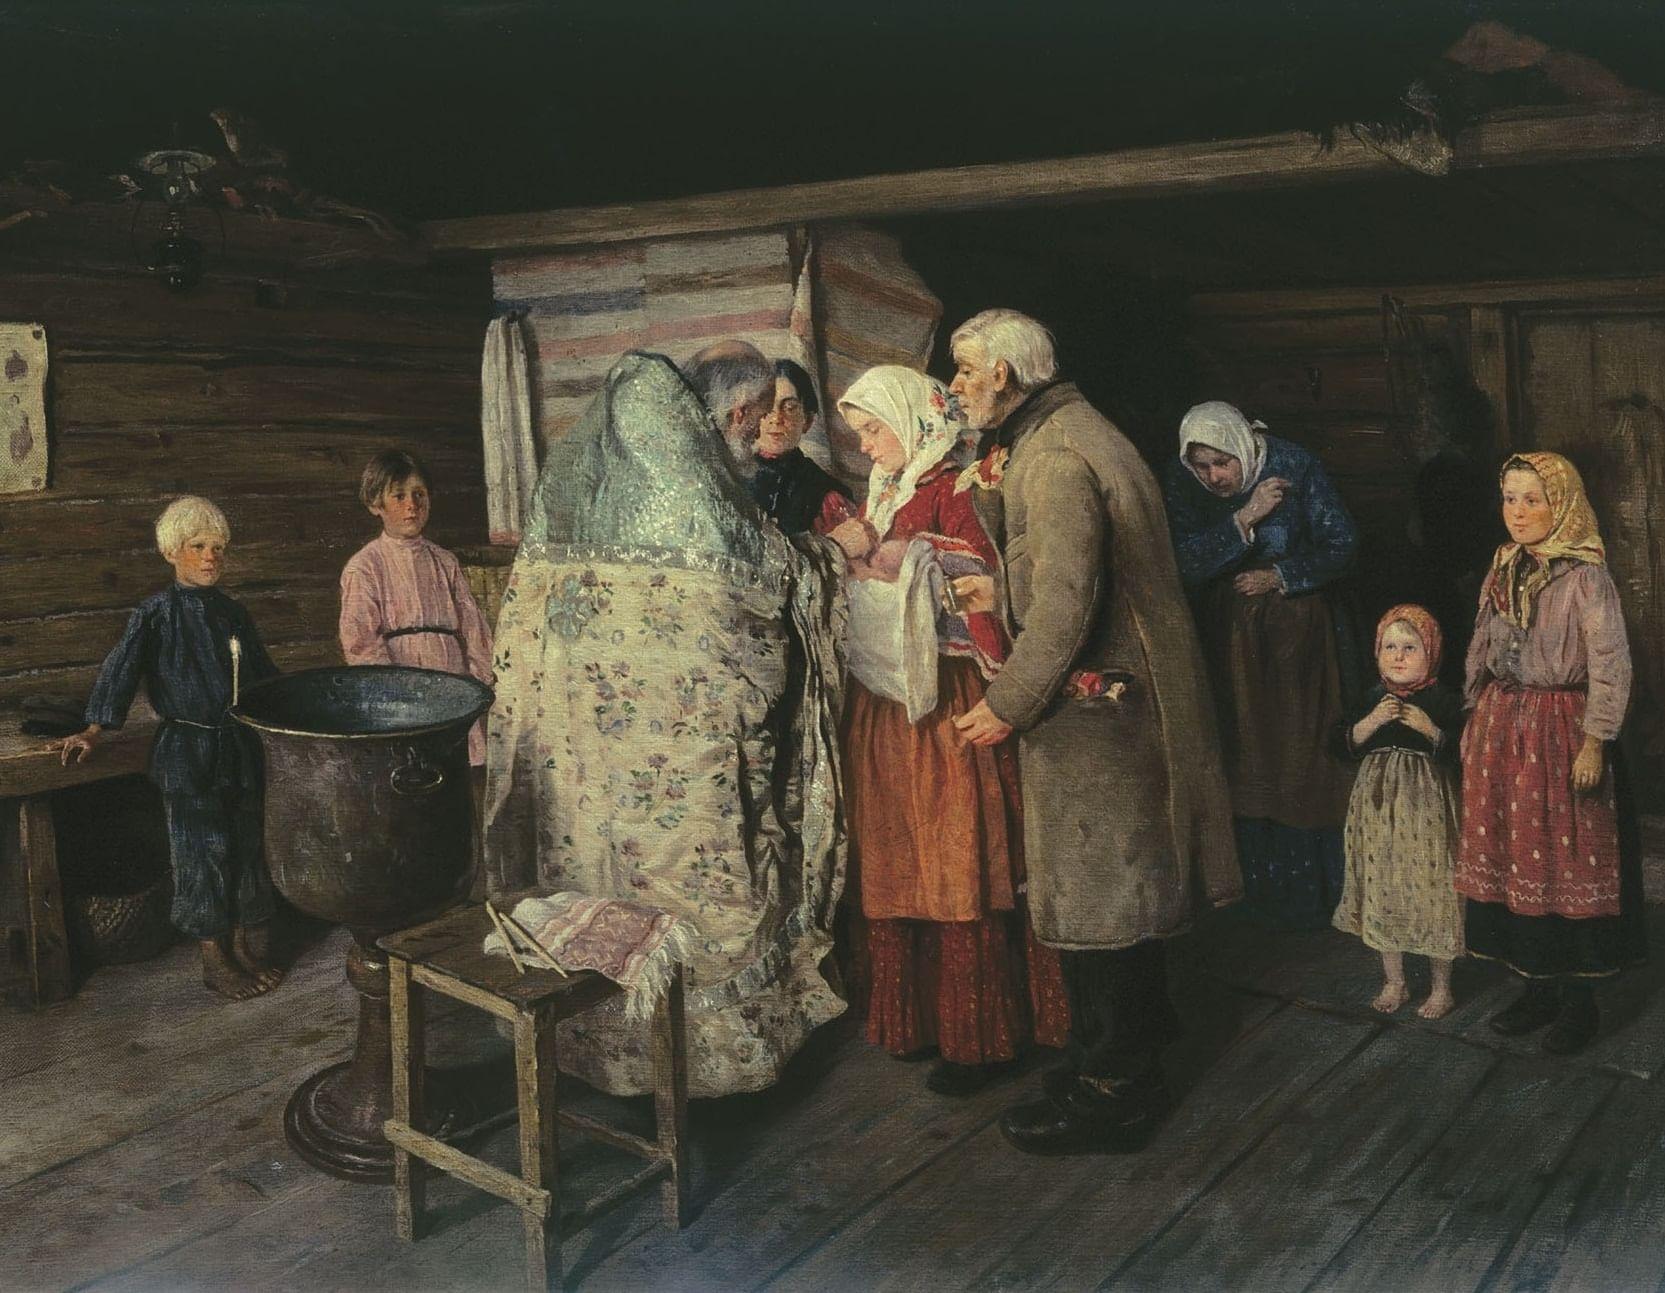 Обряд рождения: заговоры, ритуалы, приметы во время и после рождения ребенка